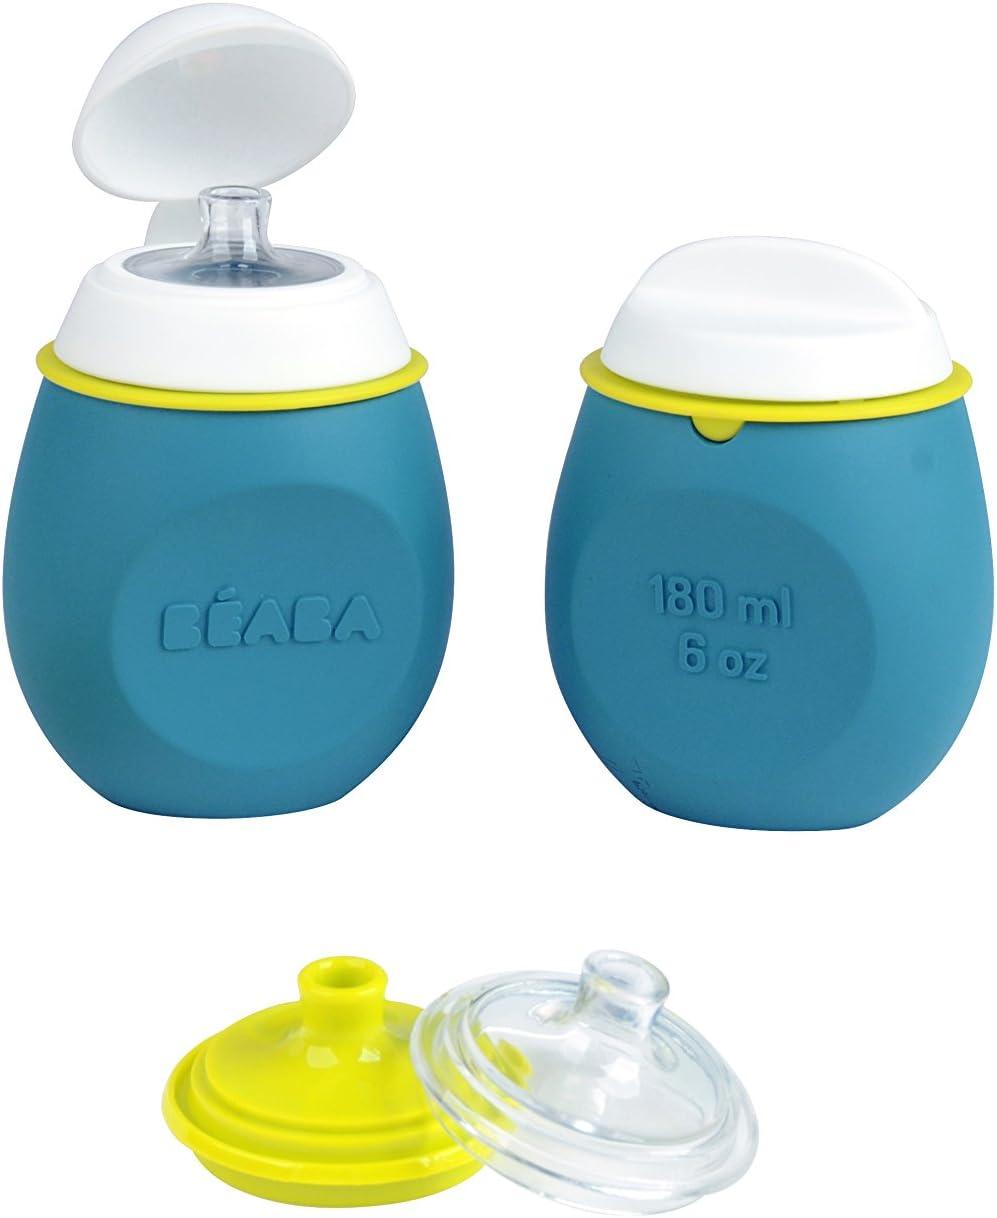 Béaba - Lote cantimplora y pote silicona bebe, unisex, color azul